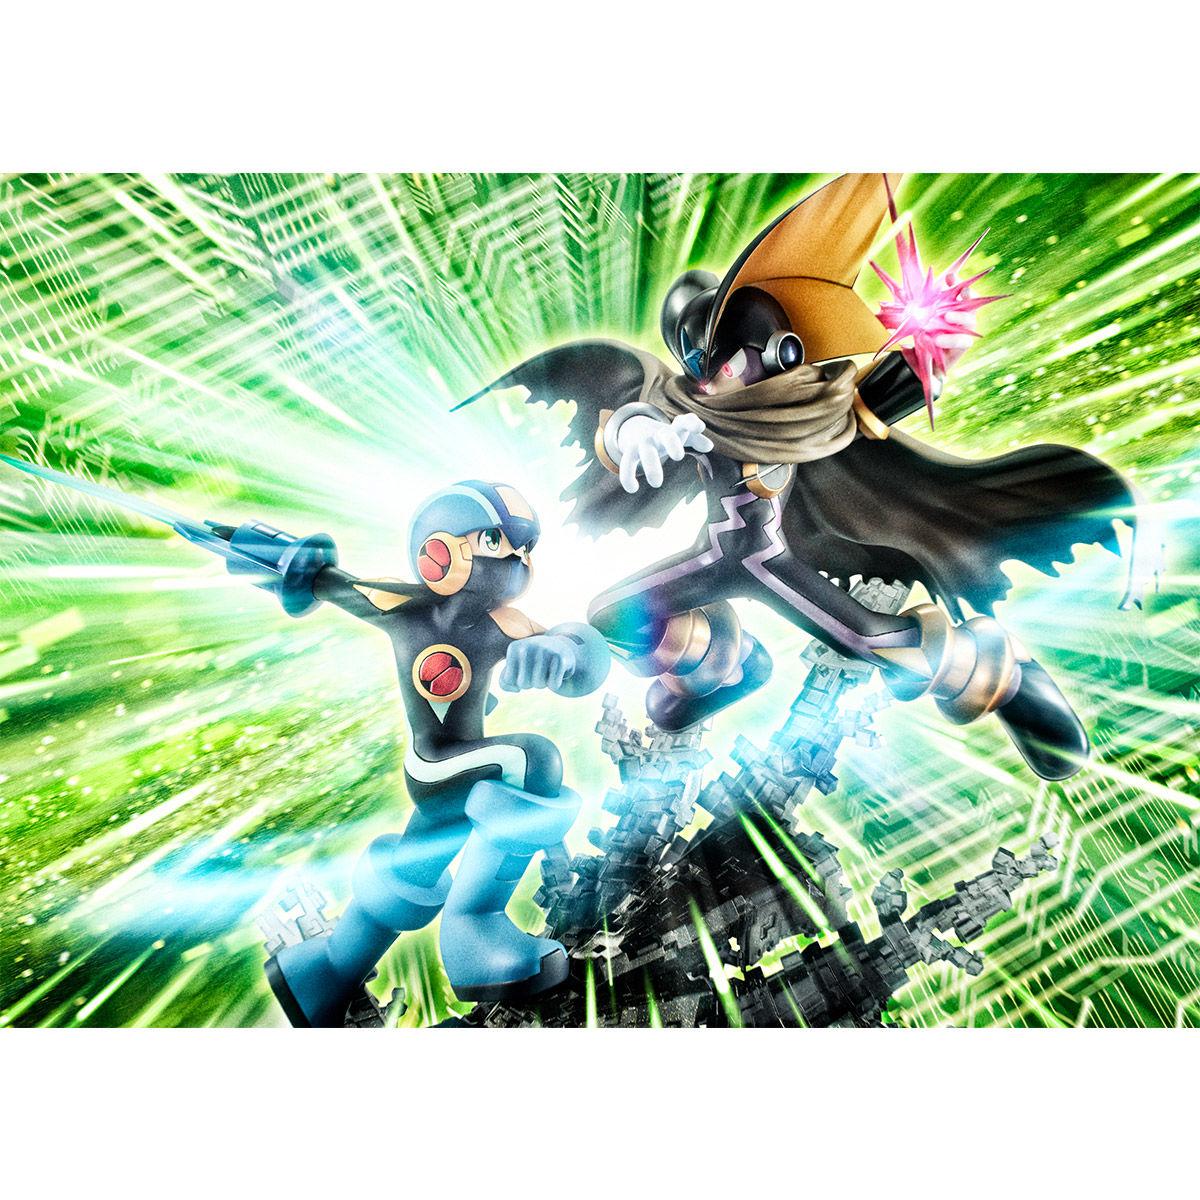 【限定販売】ゲームキャラクターズコレクションDX『ロックマン vs フォルテ』完成品フィギュア-010